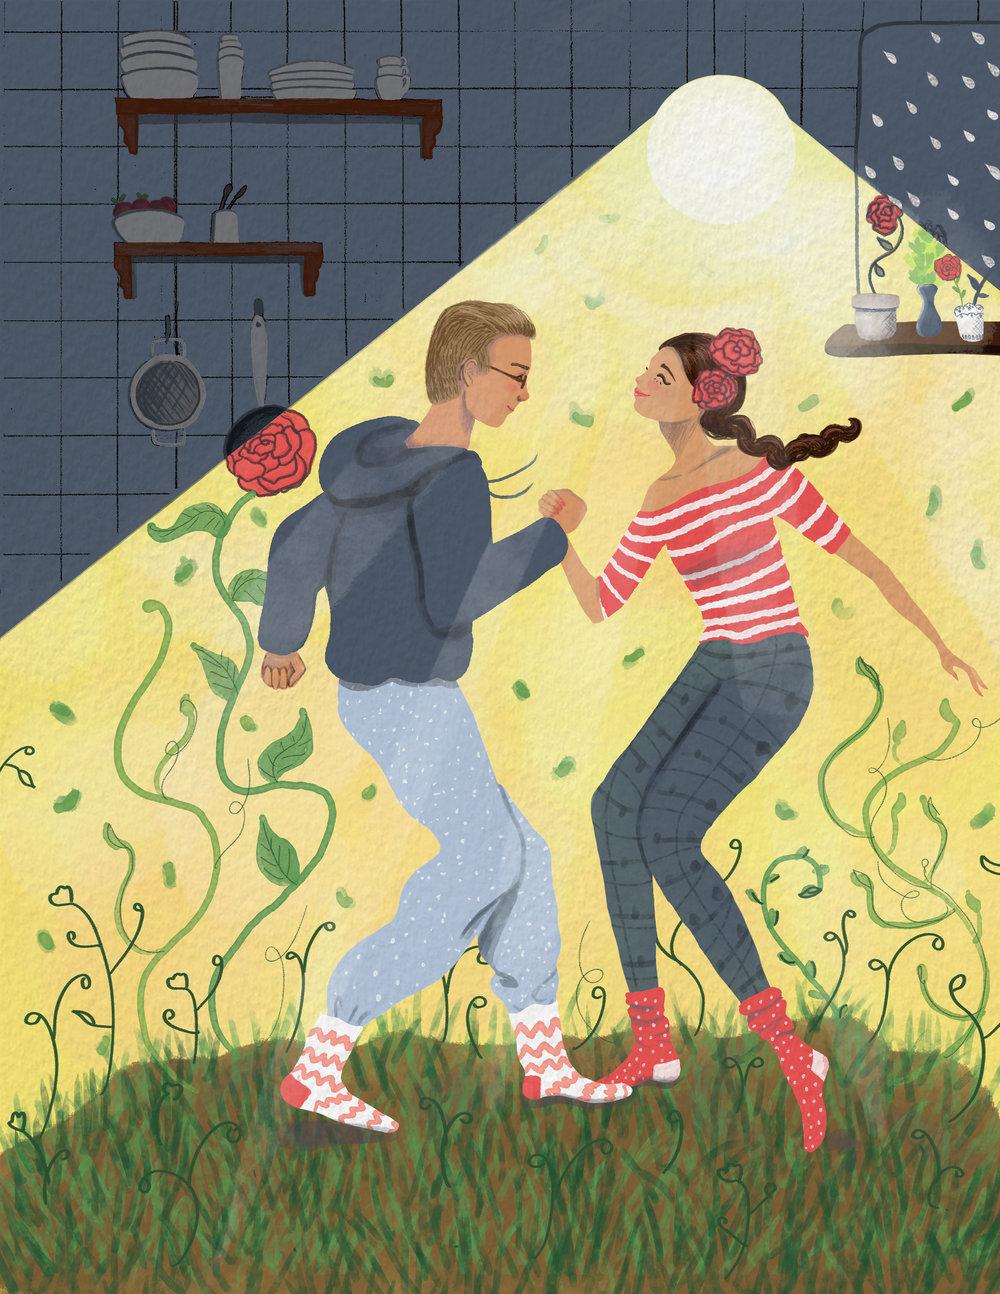 Dancing Brings Happiness